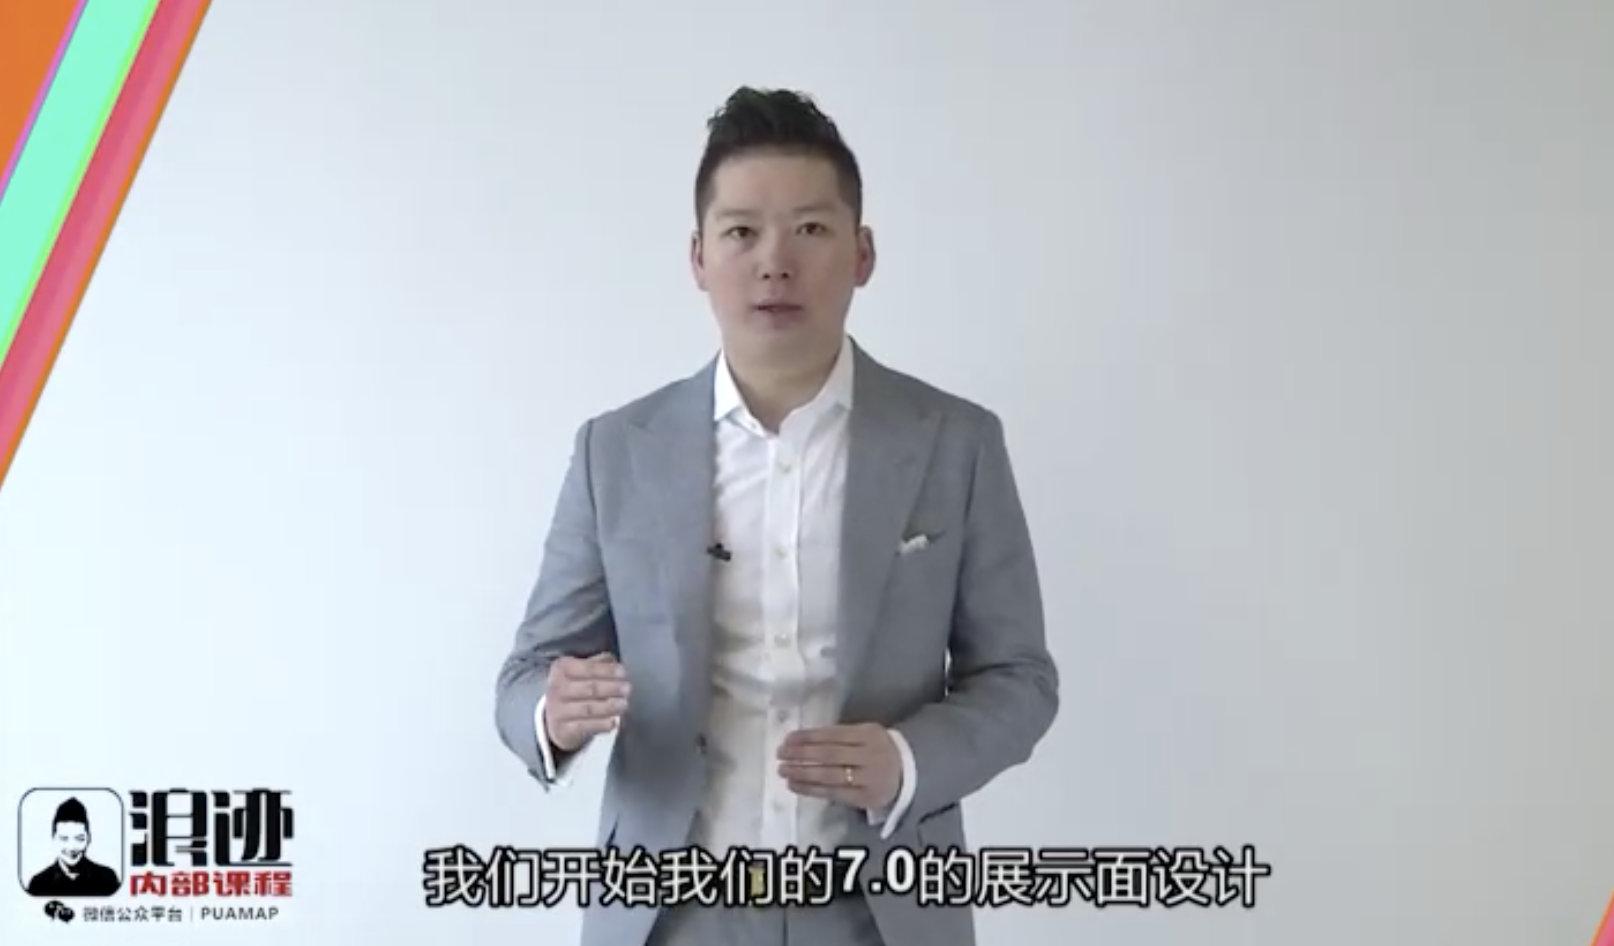 浪迹教育恋爱秘籍7.0 PUA教程 约会秘籍